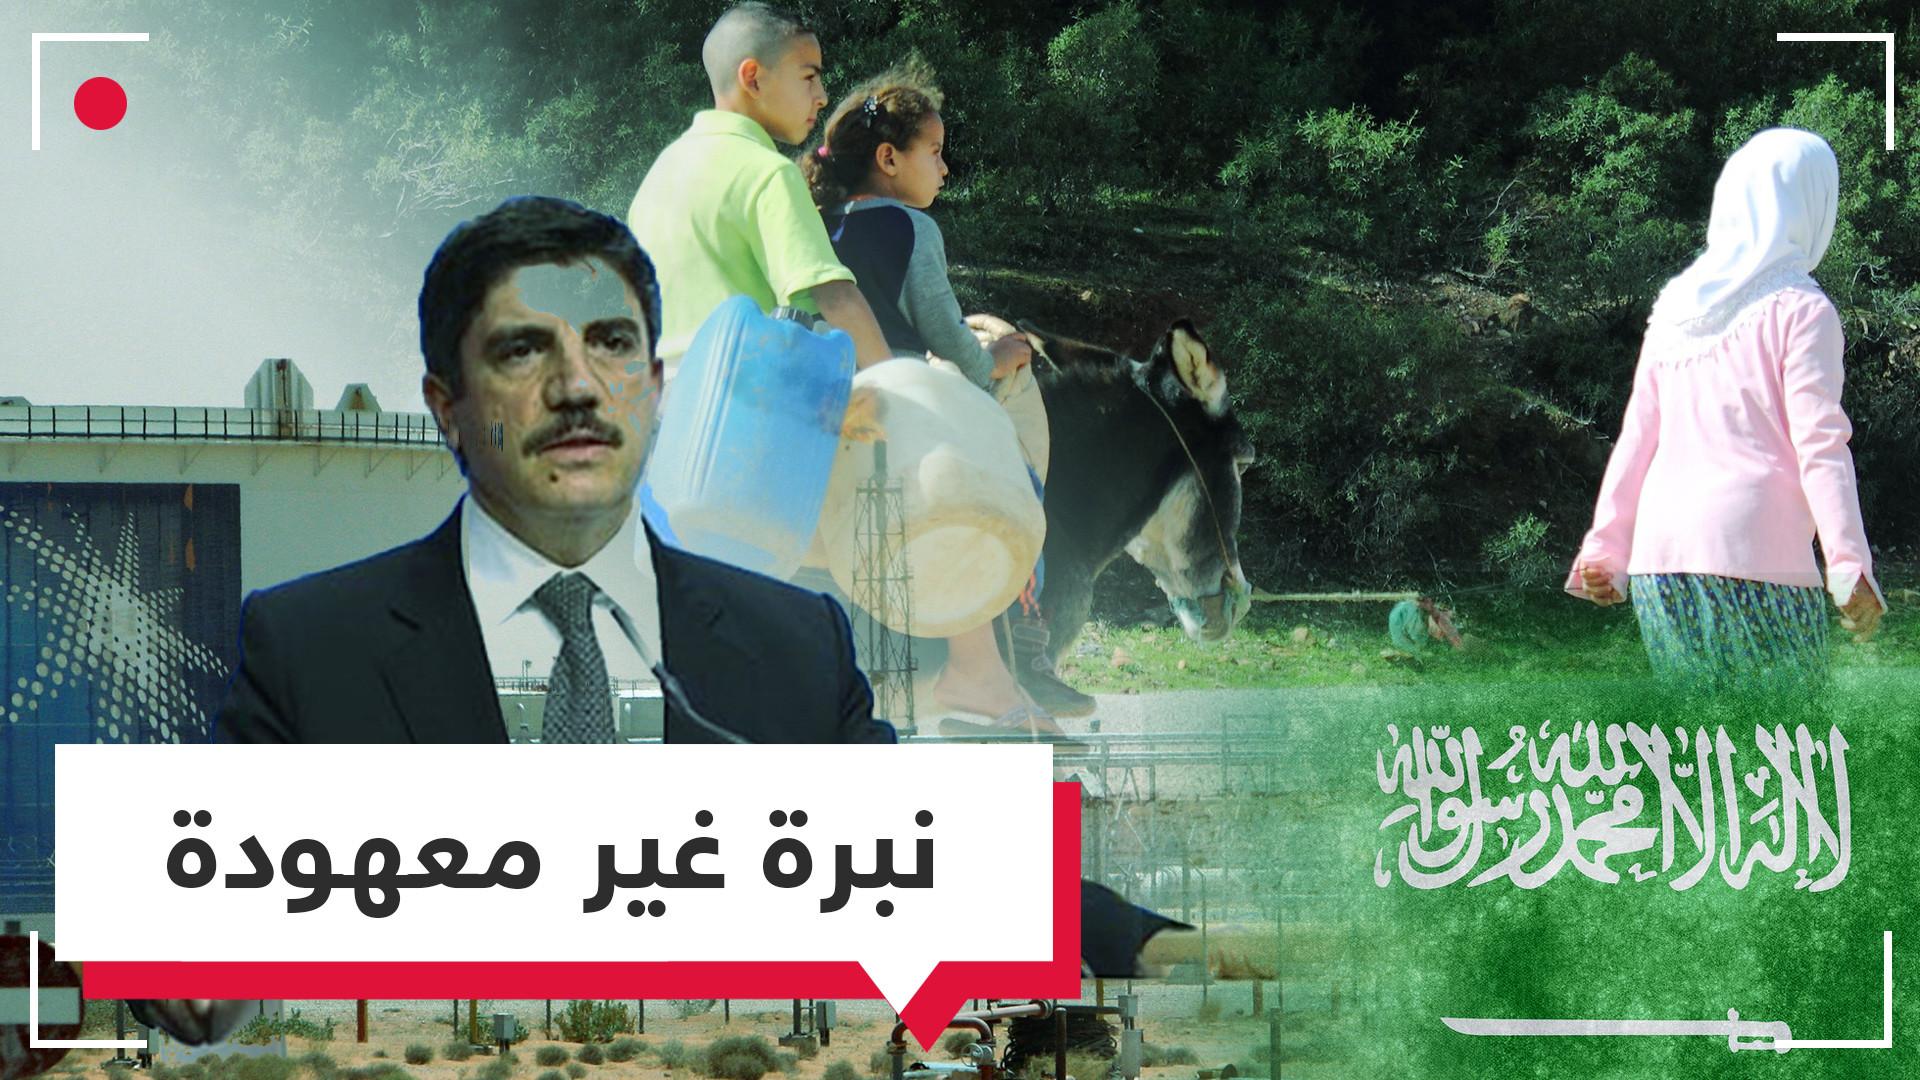 لن يأتيكم منا ضرر أبدا.. مستشار الرئيس التركي يوجه خطابا للعاهل السعودي